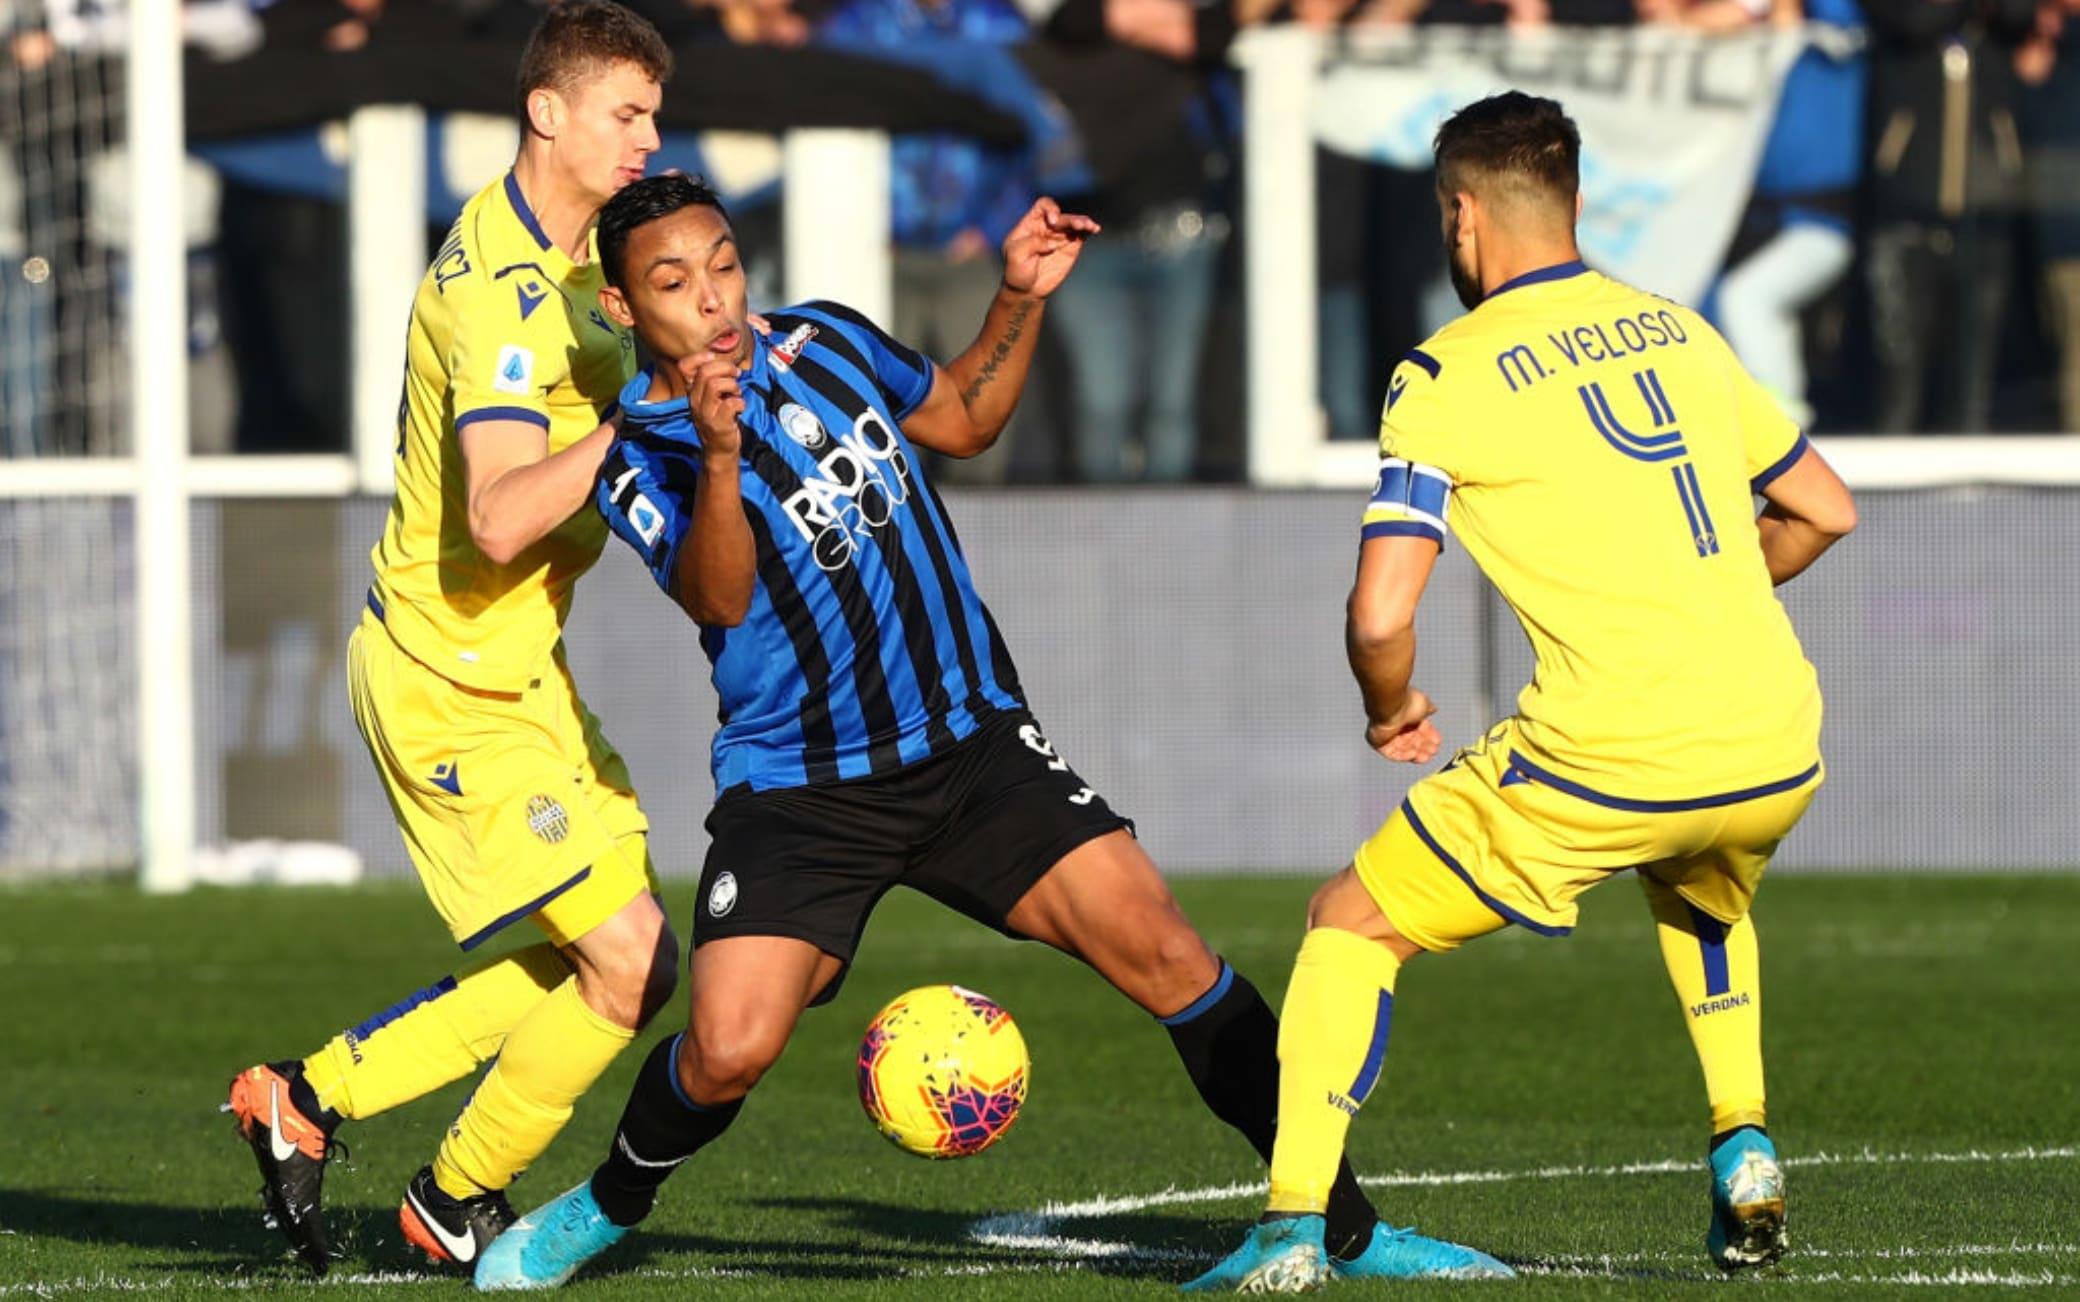 Atalanta-Verona 1-1, il risultato in diretta LIVE. Gol del pari di ...